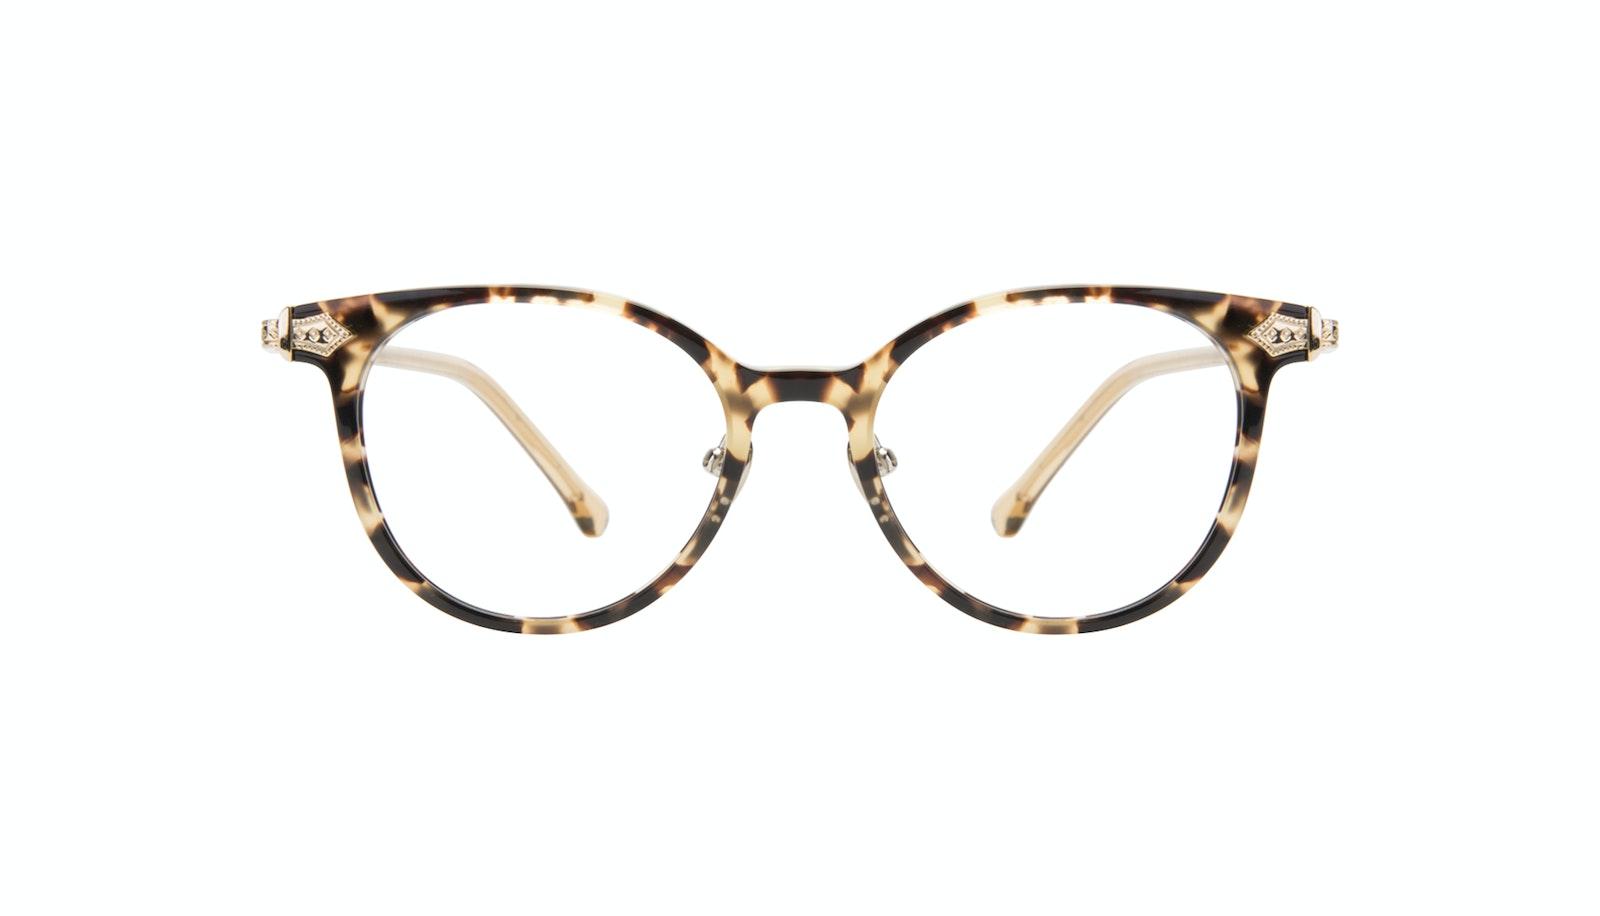 Affordable Fashion Glasses Round Eyeglasses Women Gem Golden Chip